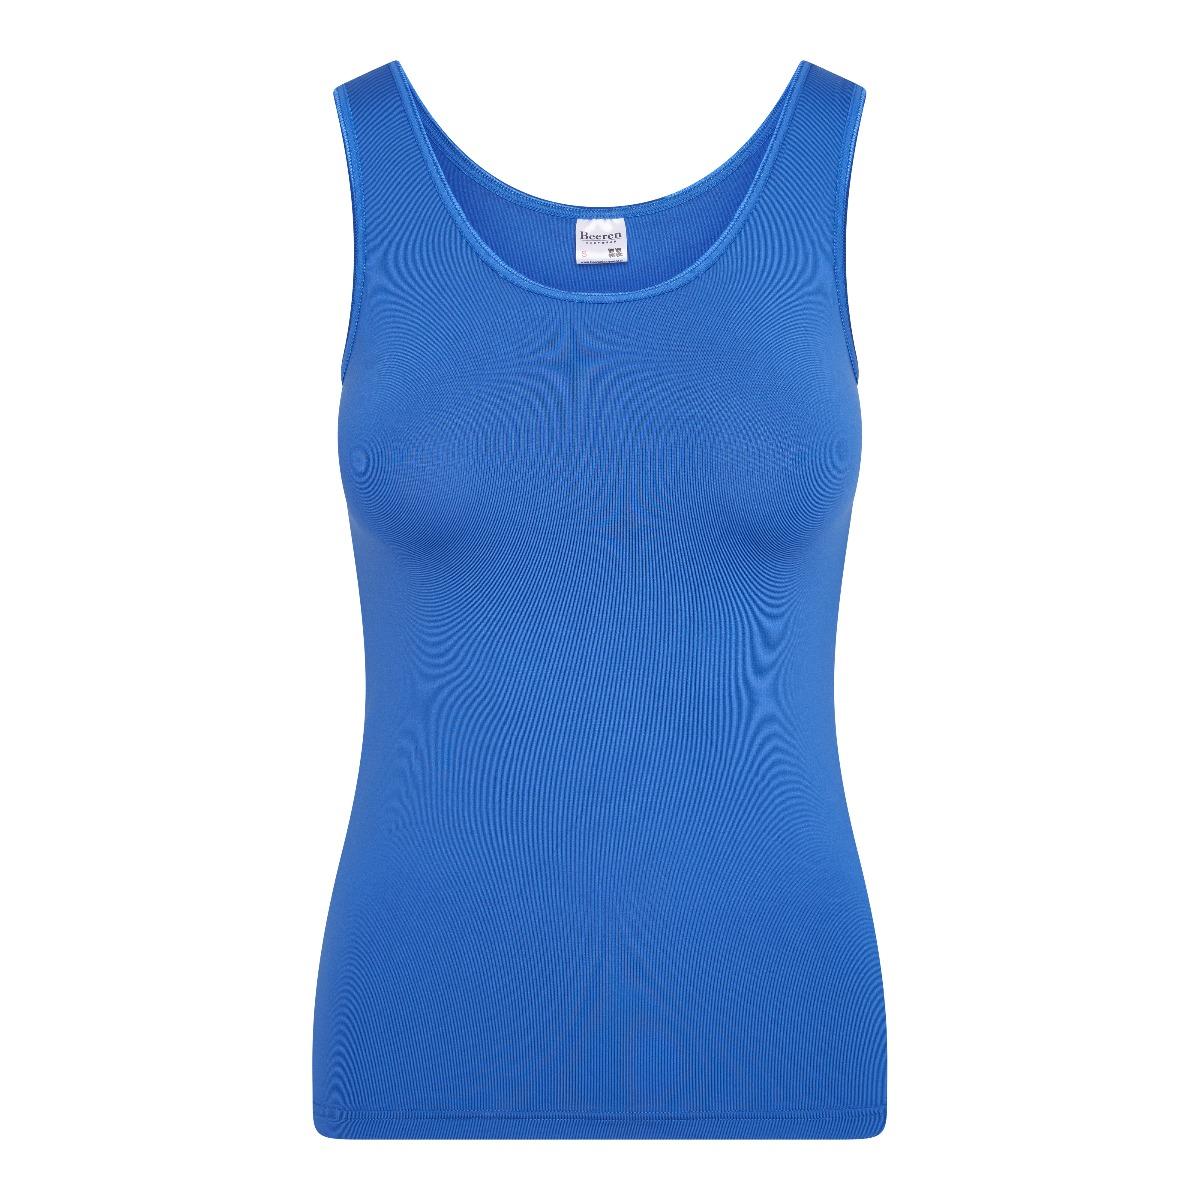 Beeren Elegance Dames Hemd Blauw S